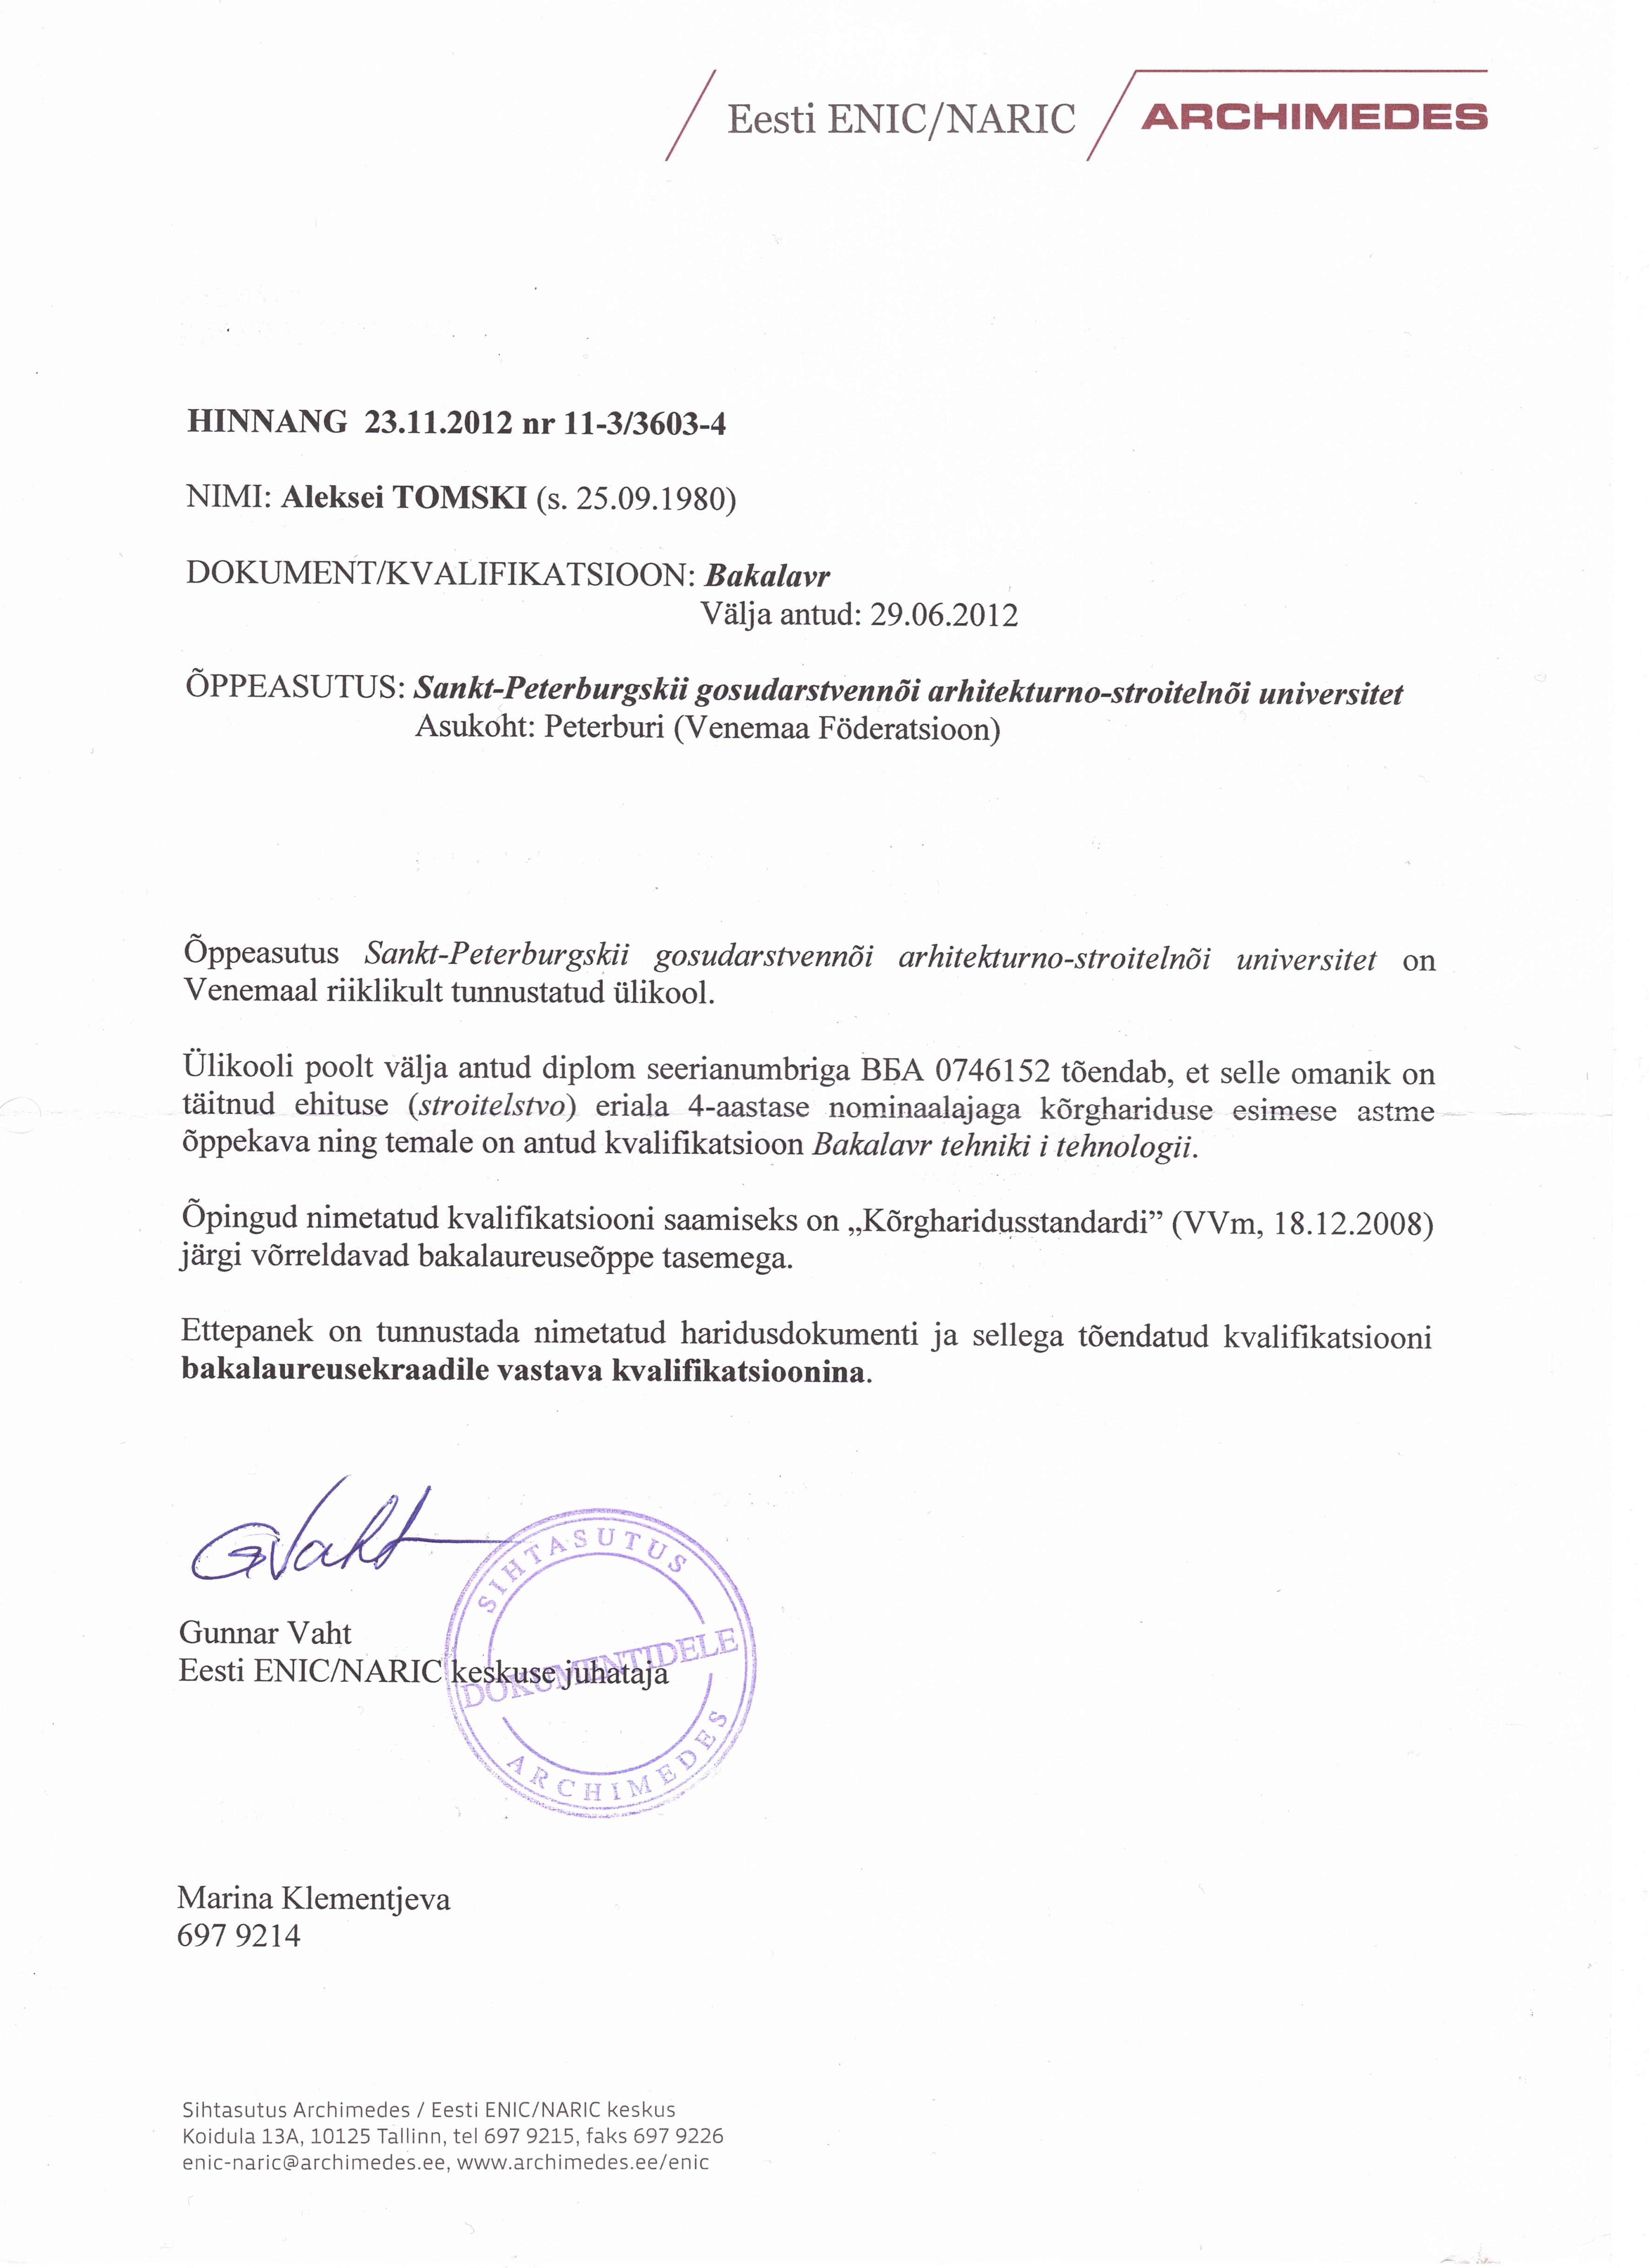 Aleksei Tomski diplom